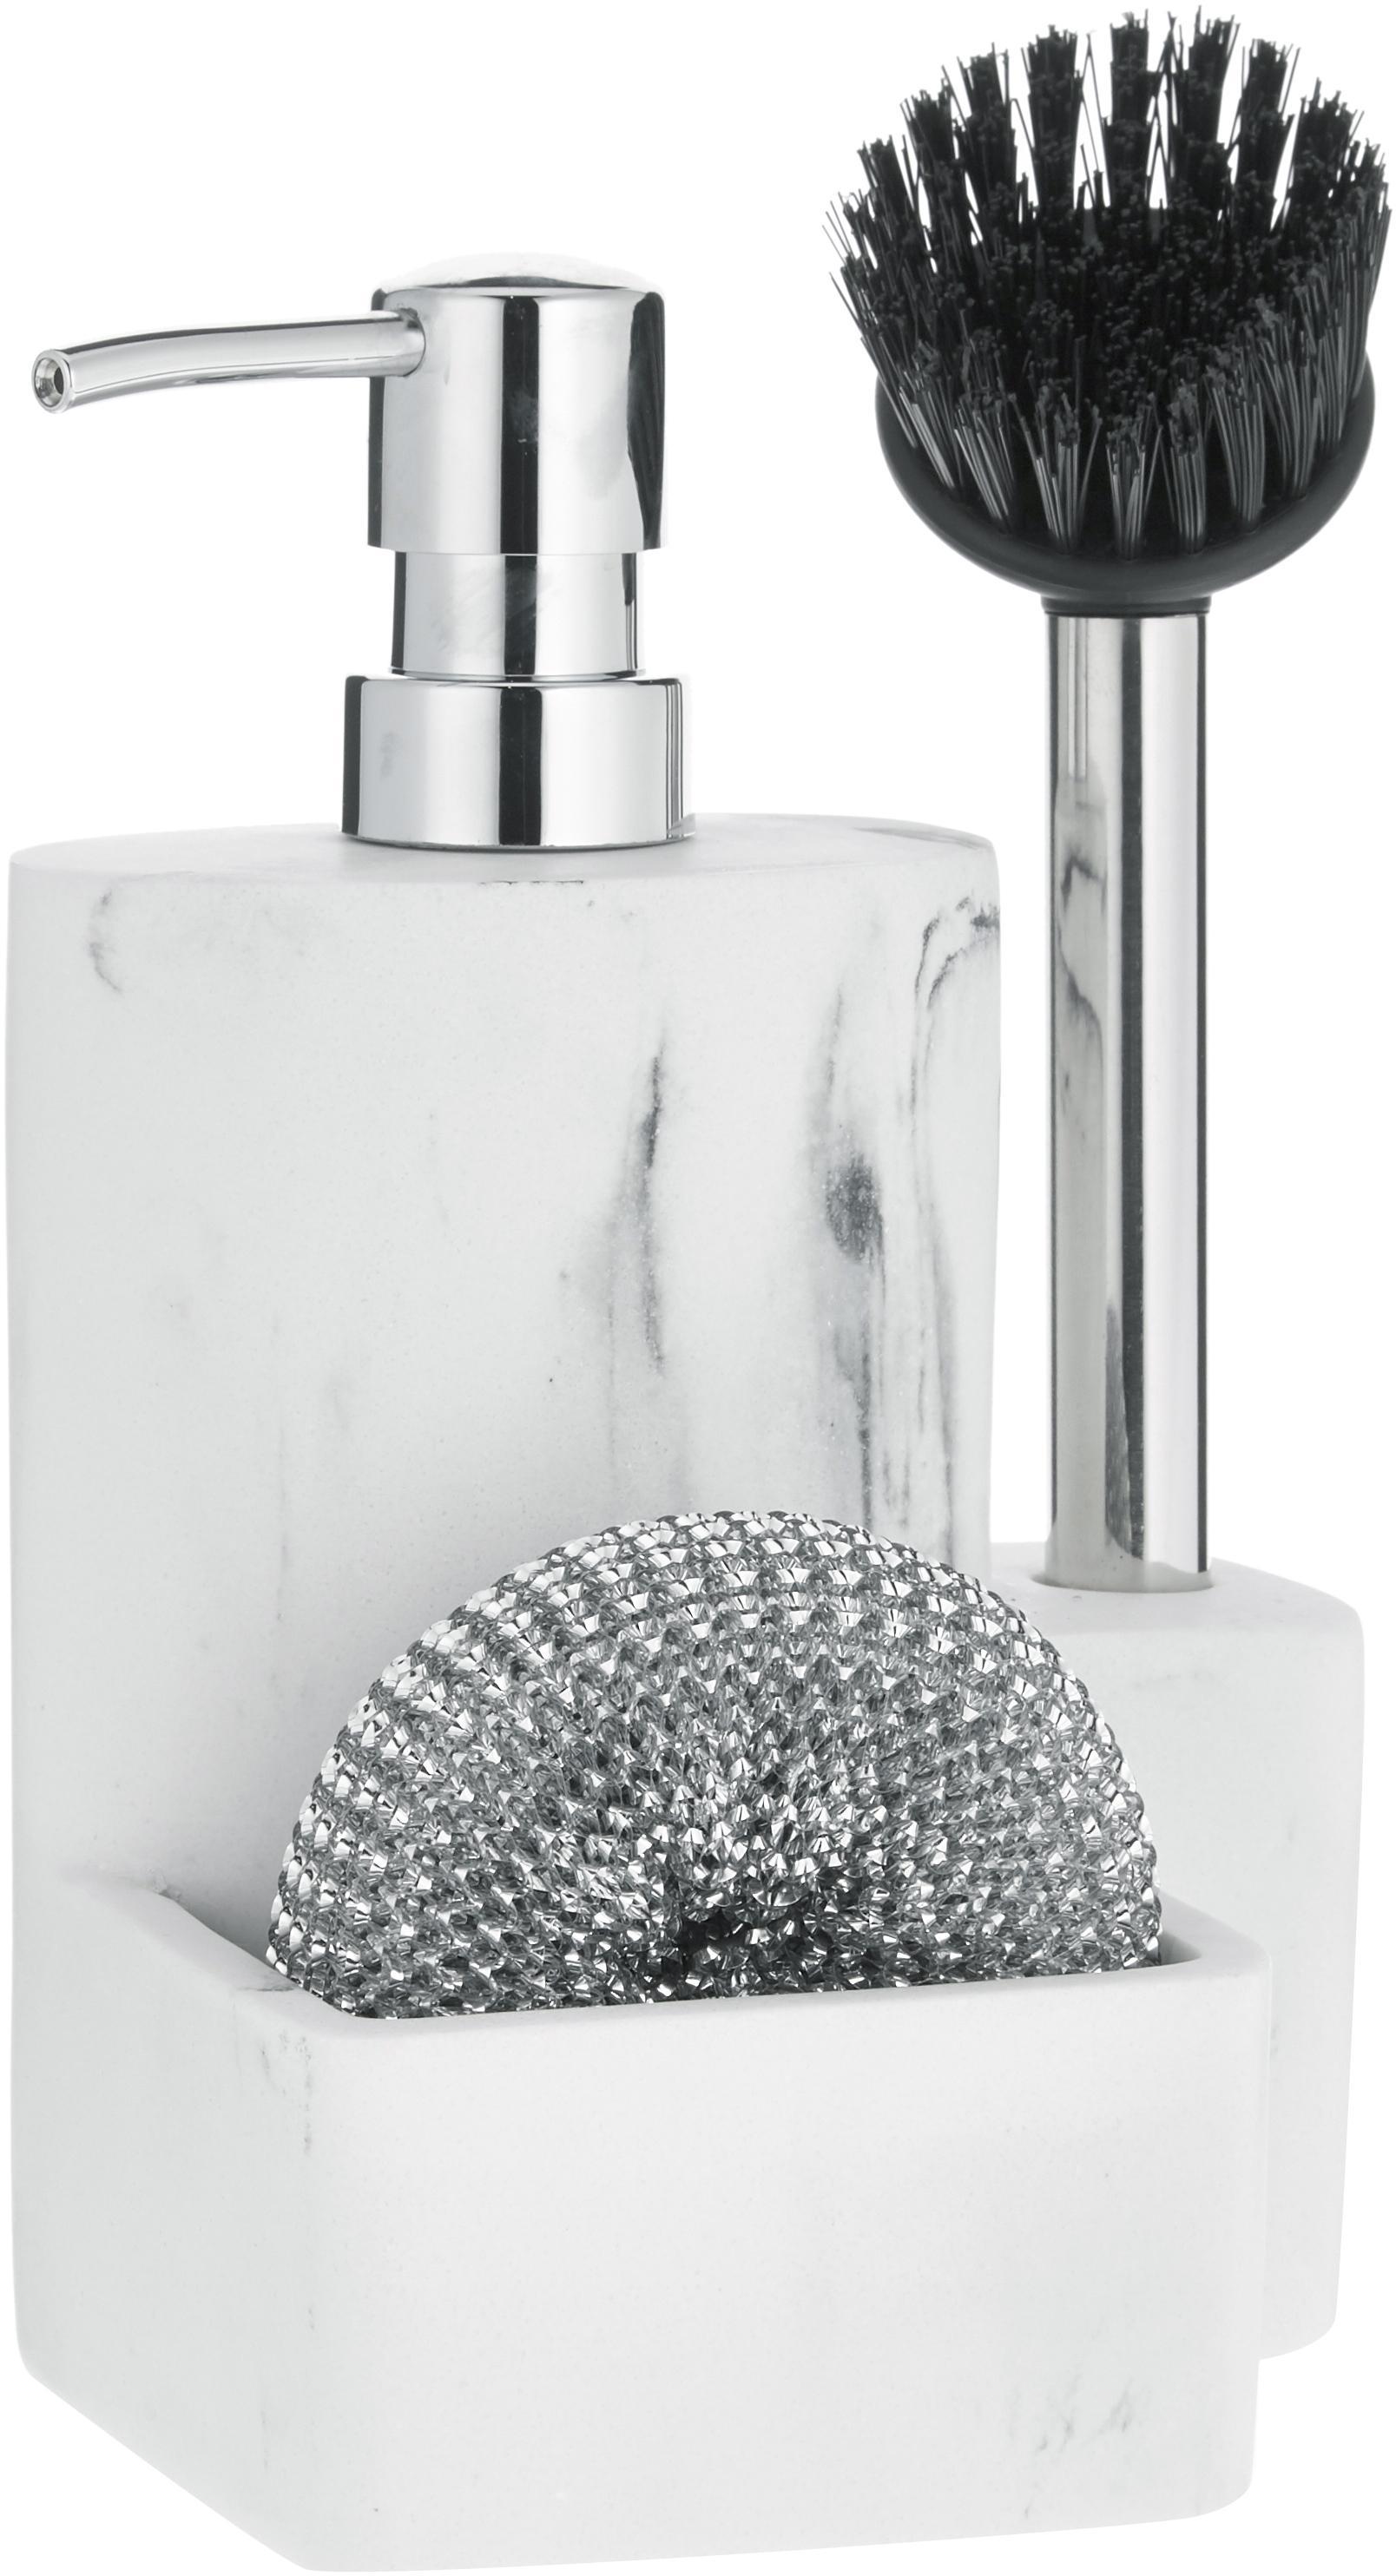 Zeepdispenserset Galia met marmerlook, 3-delig, Polyresin, metaal, Wit, gemarmerd, zilverkleurig, zwart, 24 x 12 cm